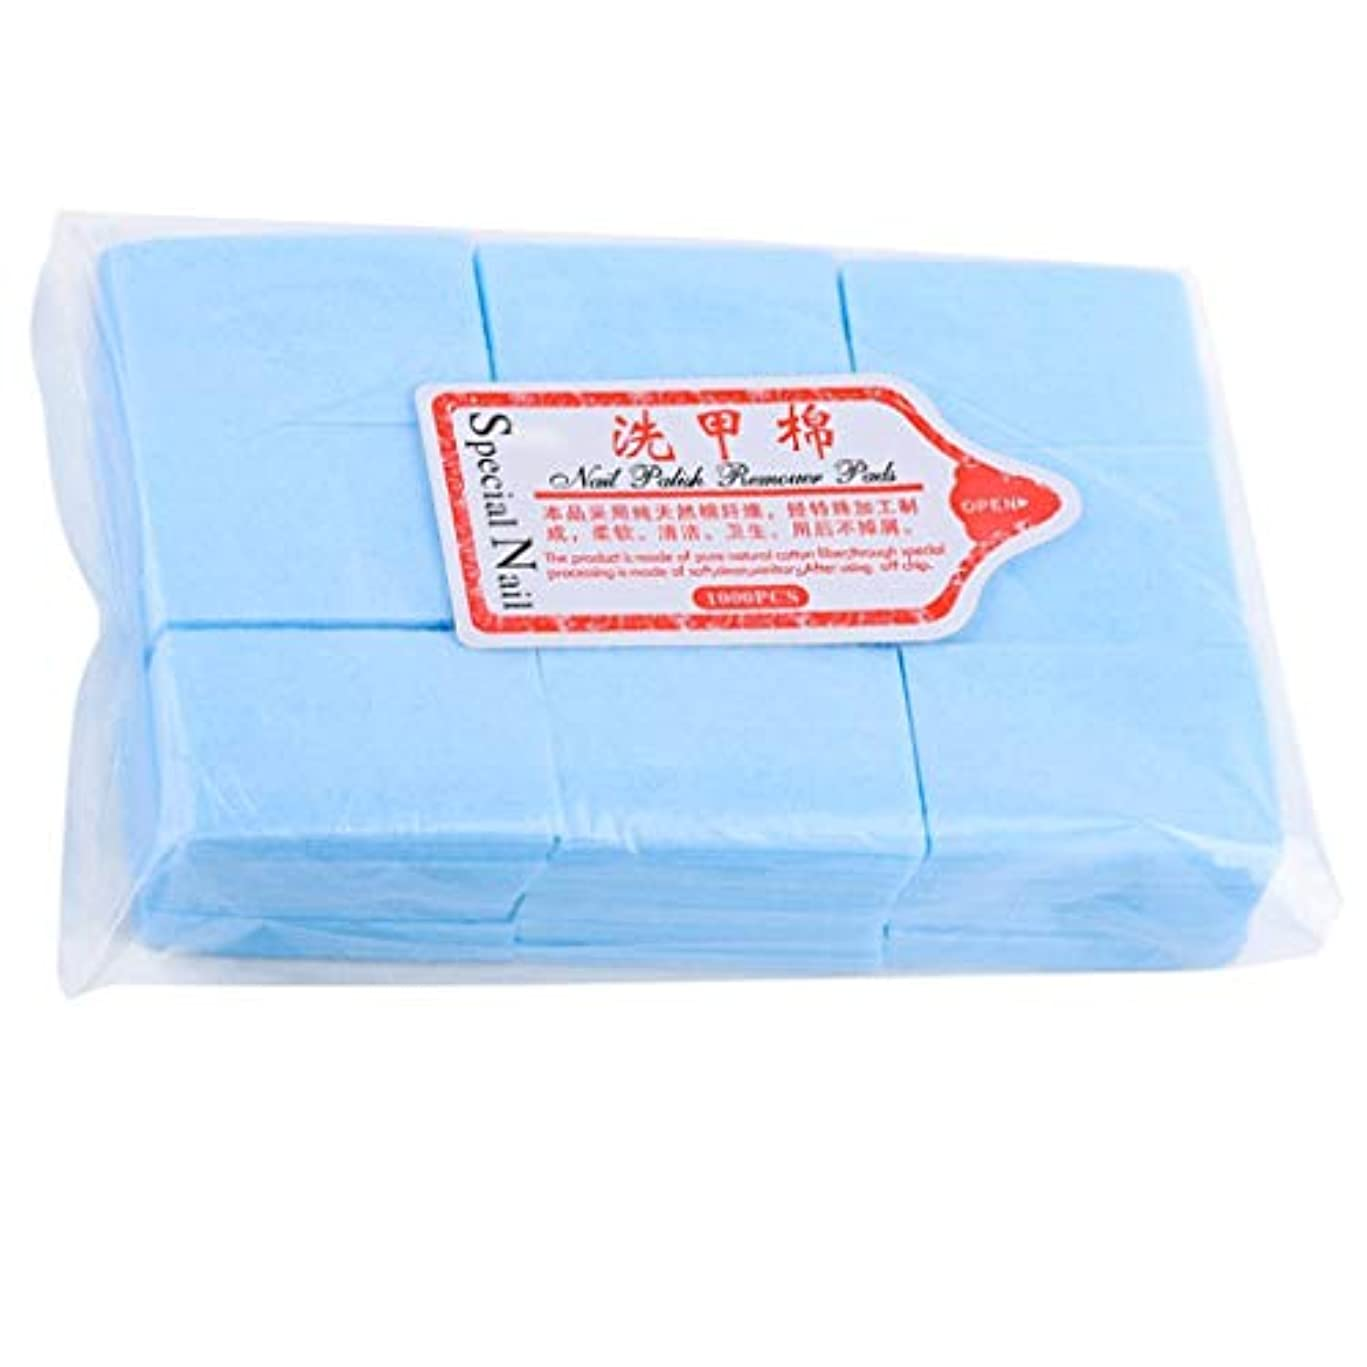 悪意のある蓋開梱ネイルワイプ コットンパッド 化粧コットン クレンジングシート 化粧水パッド メイク落とし 全4色 - ブルー